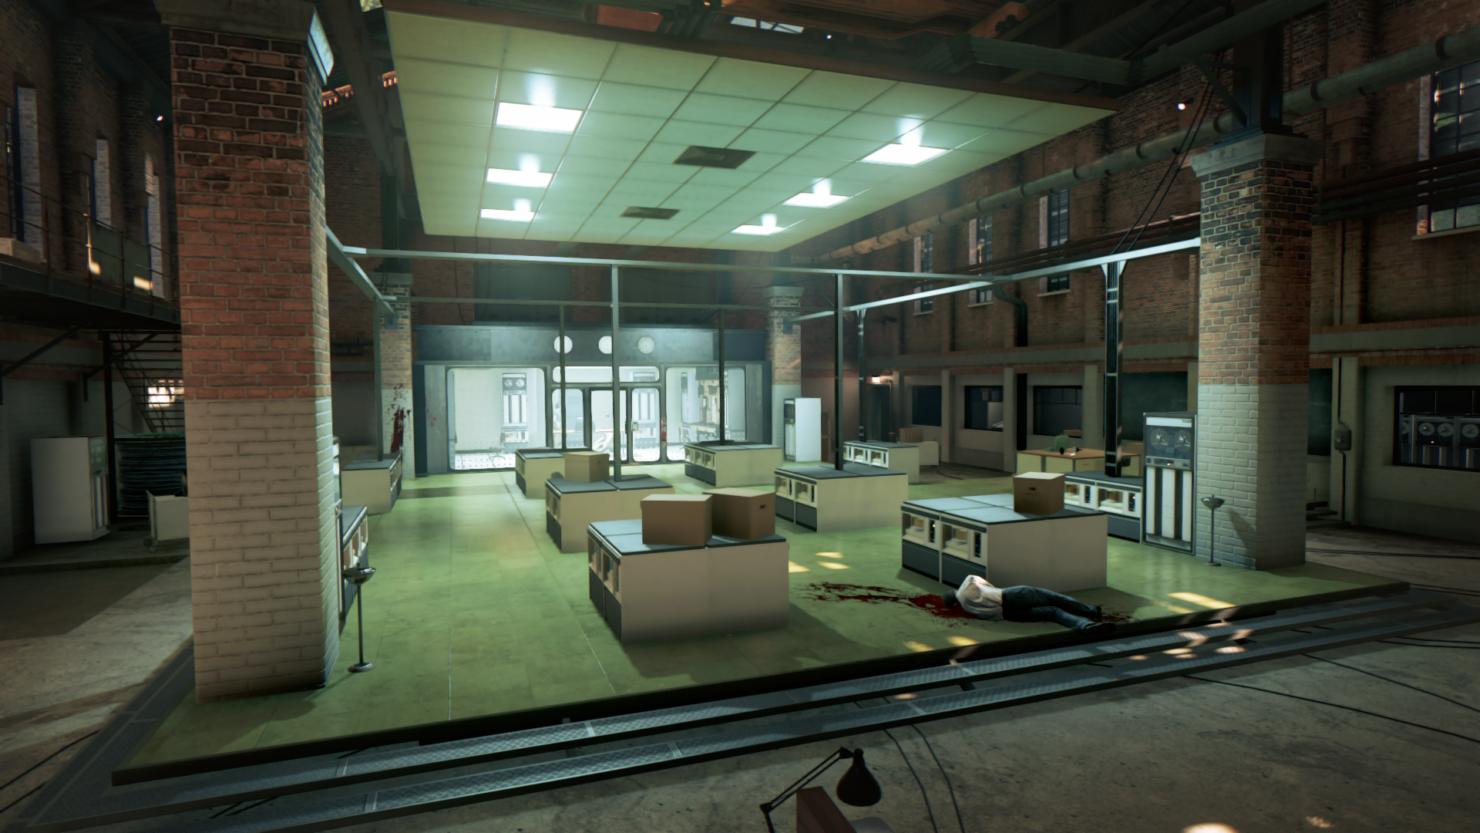 mafia3_dlc2_stones_unturned_screenshot_04_environment_cia_safe_house_interior